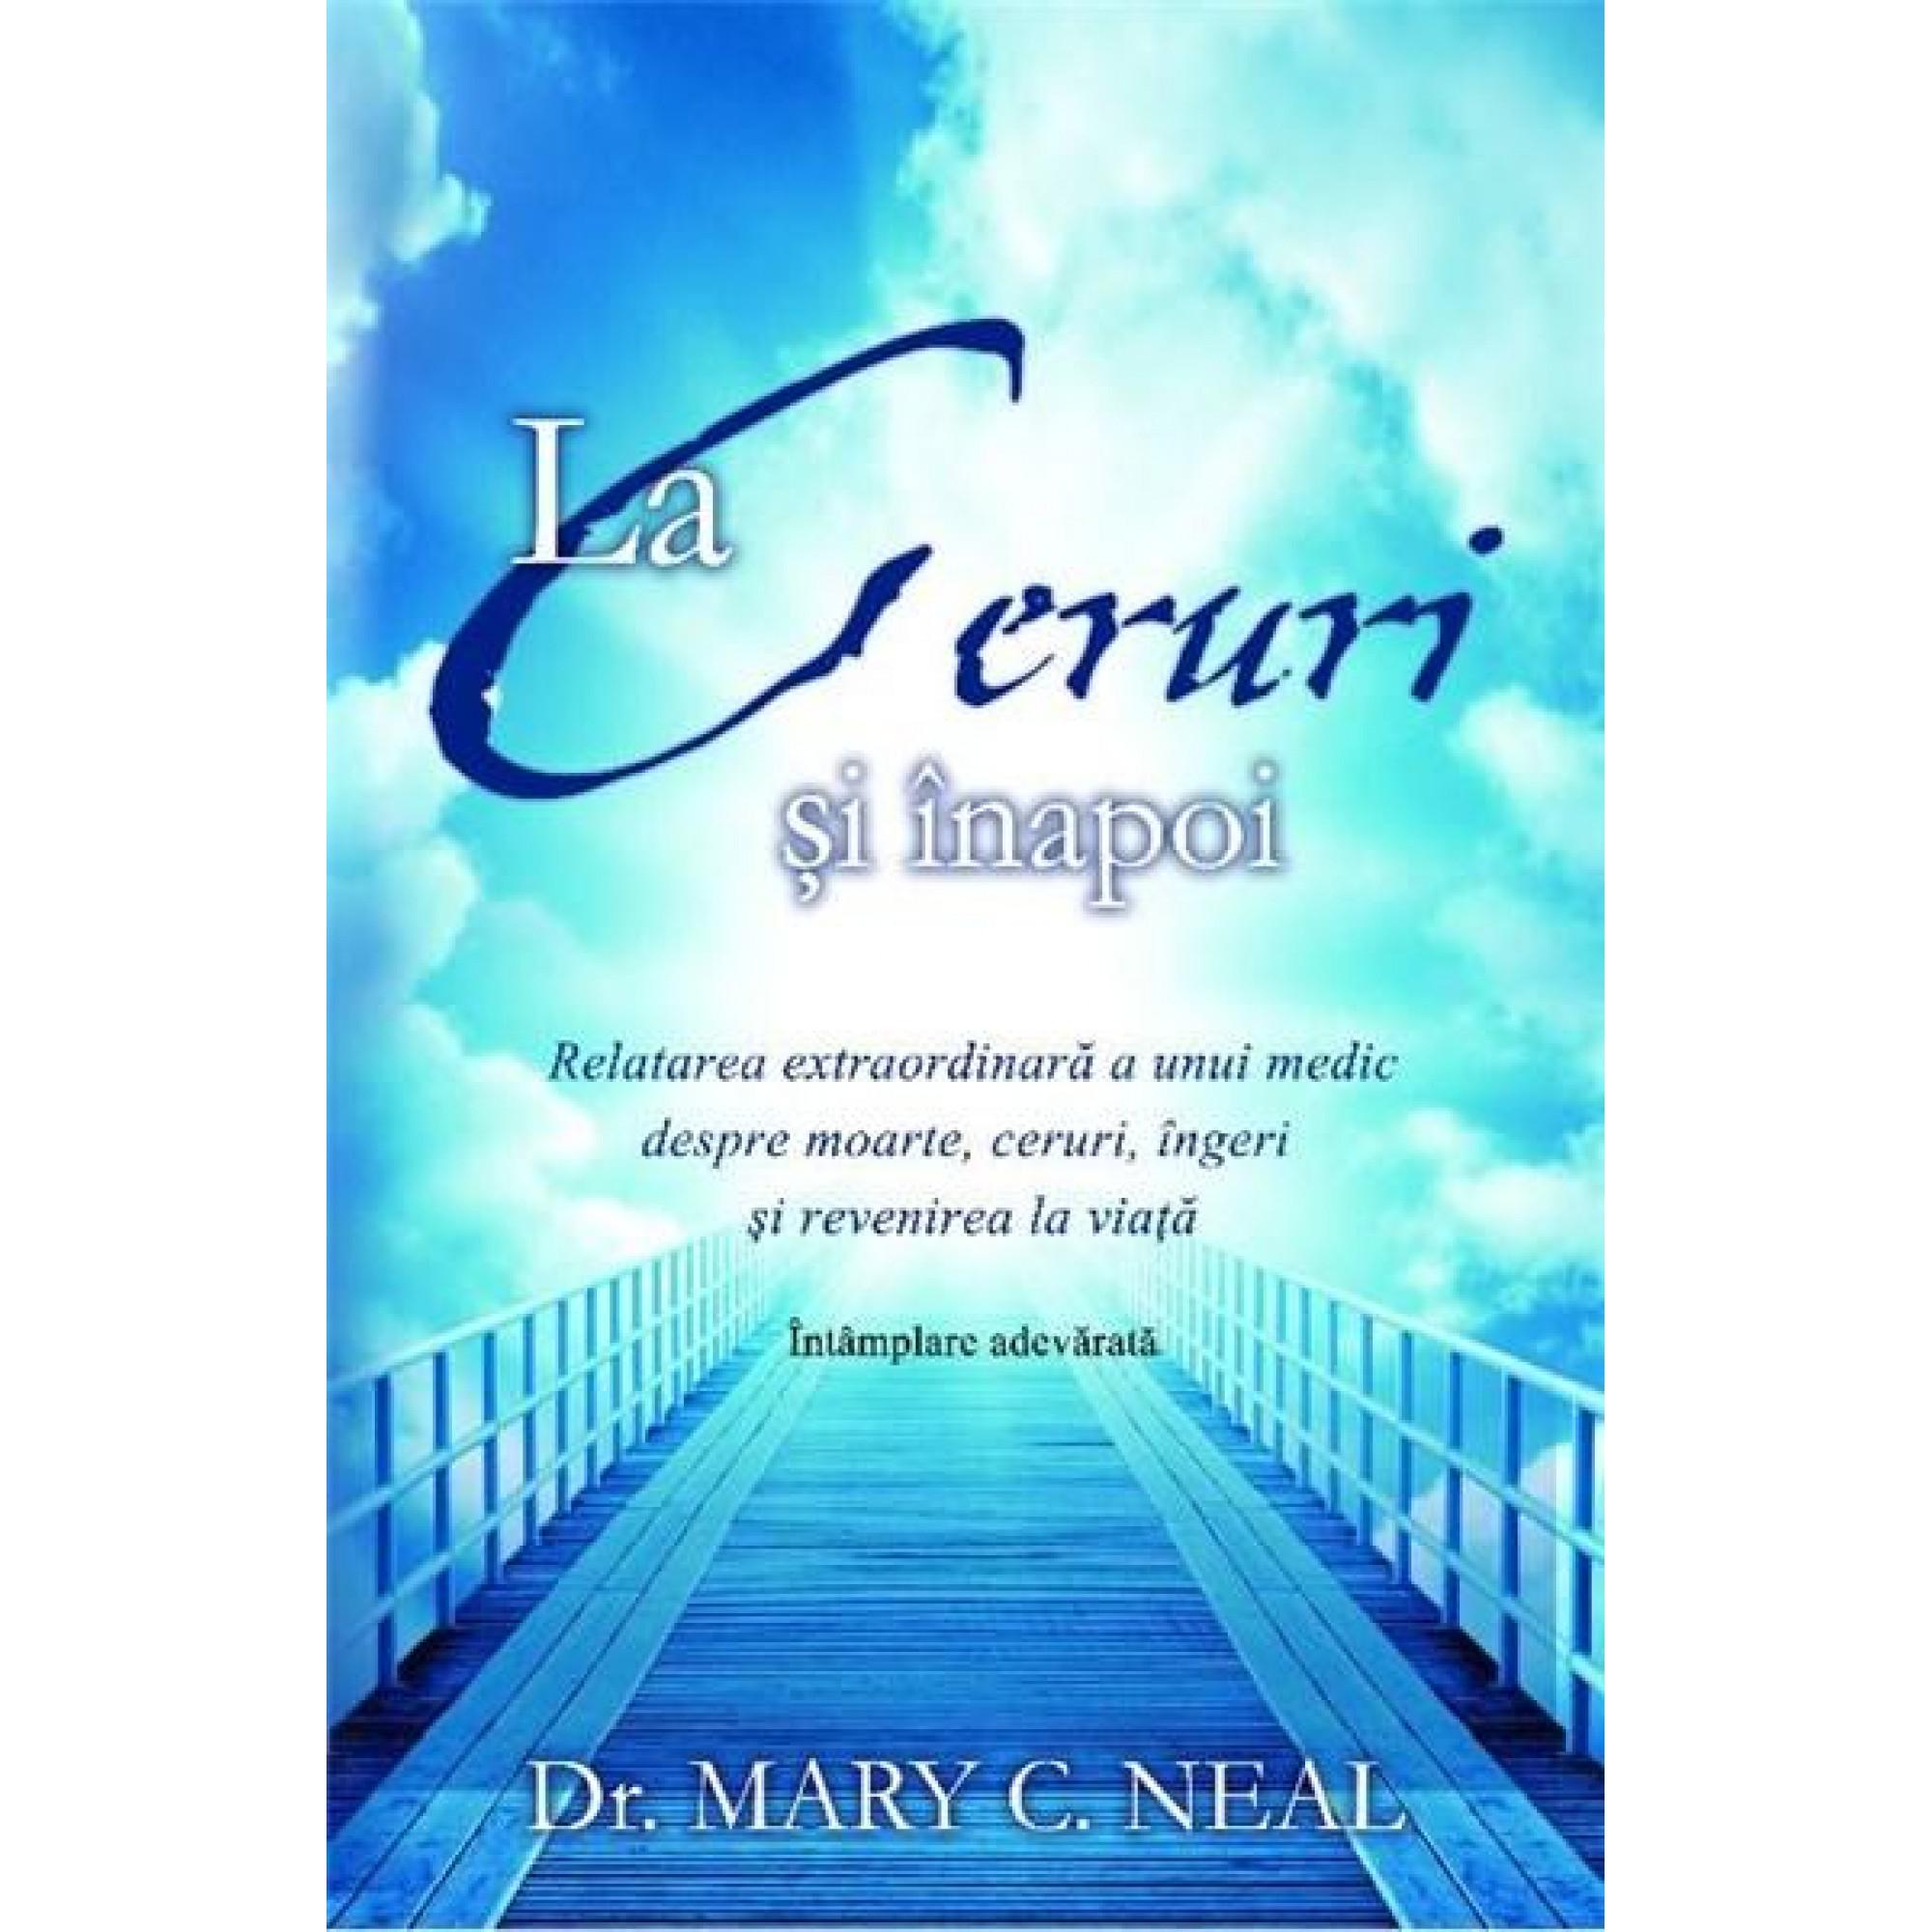 La Ceruri şi înapoi. Relatarea extraordinară a unui medic despre moarte, ceruri, îngeri şi revenirea la viaţă: Întâmplare adevărată; Dr. Mary C. Neal